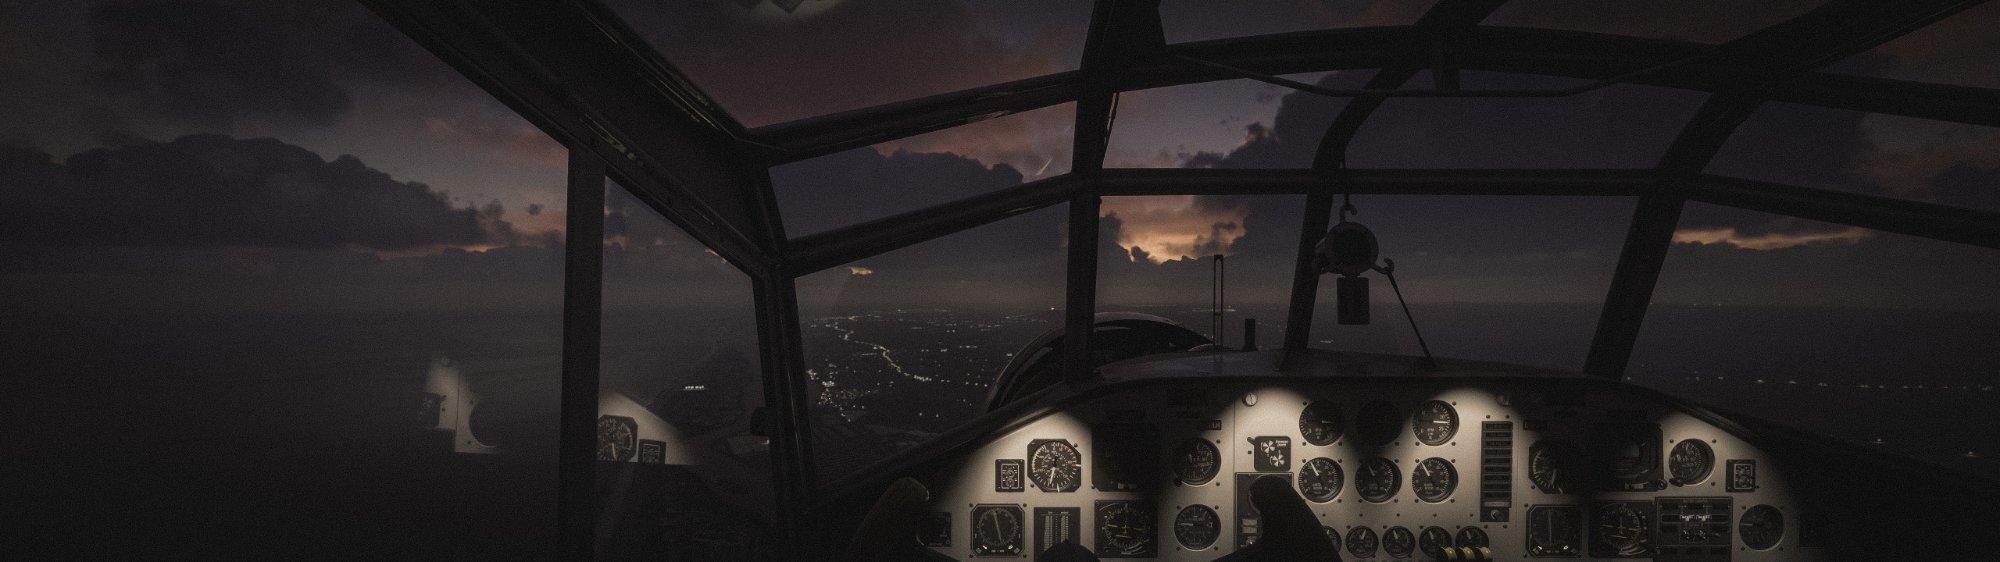 Microsoft Flight Simulator Screenshot 2021.09.29 - 20.13.04.08 Thumbnail.jpg